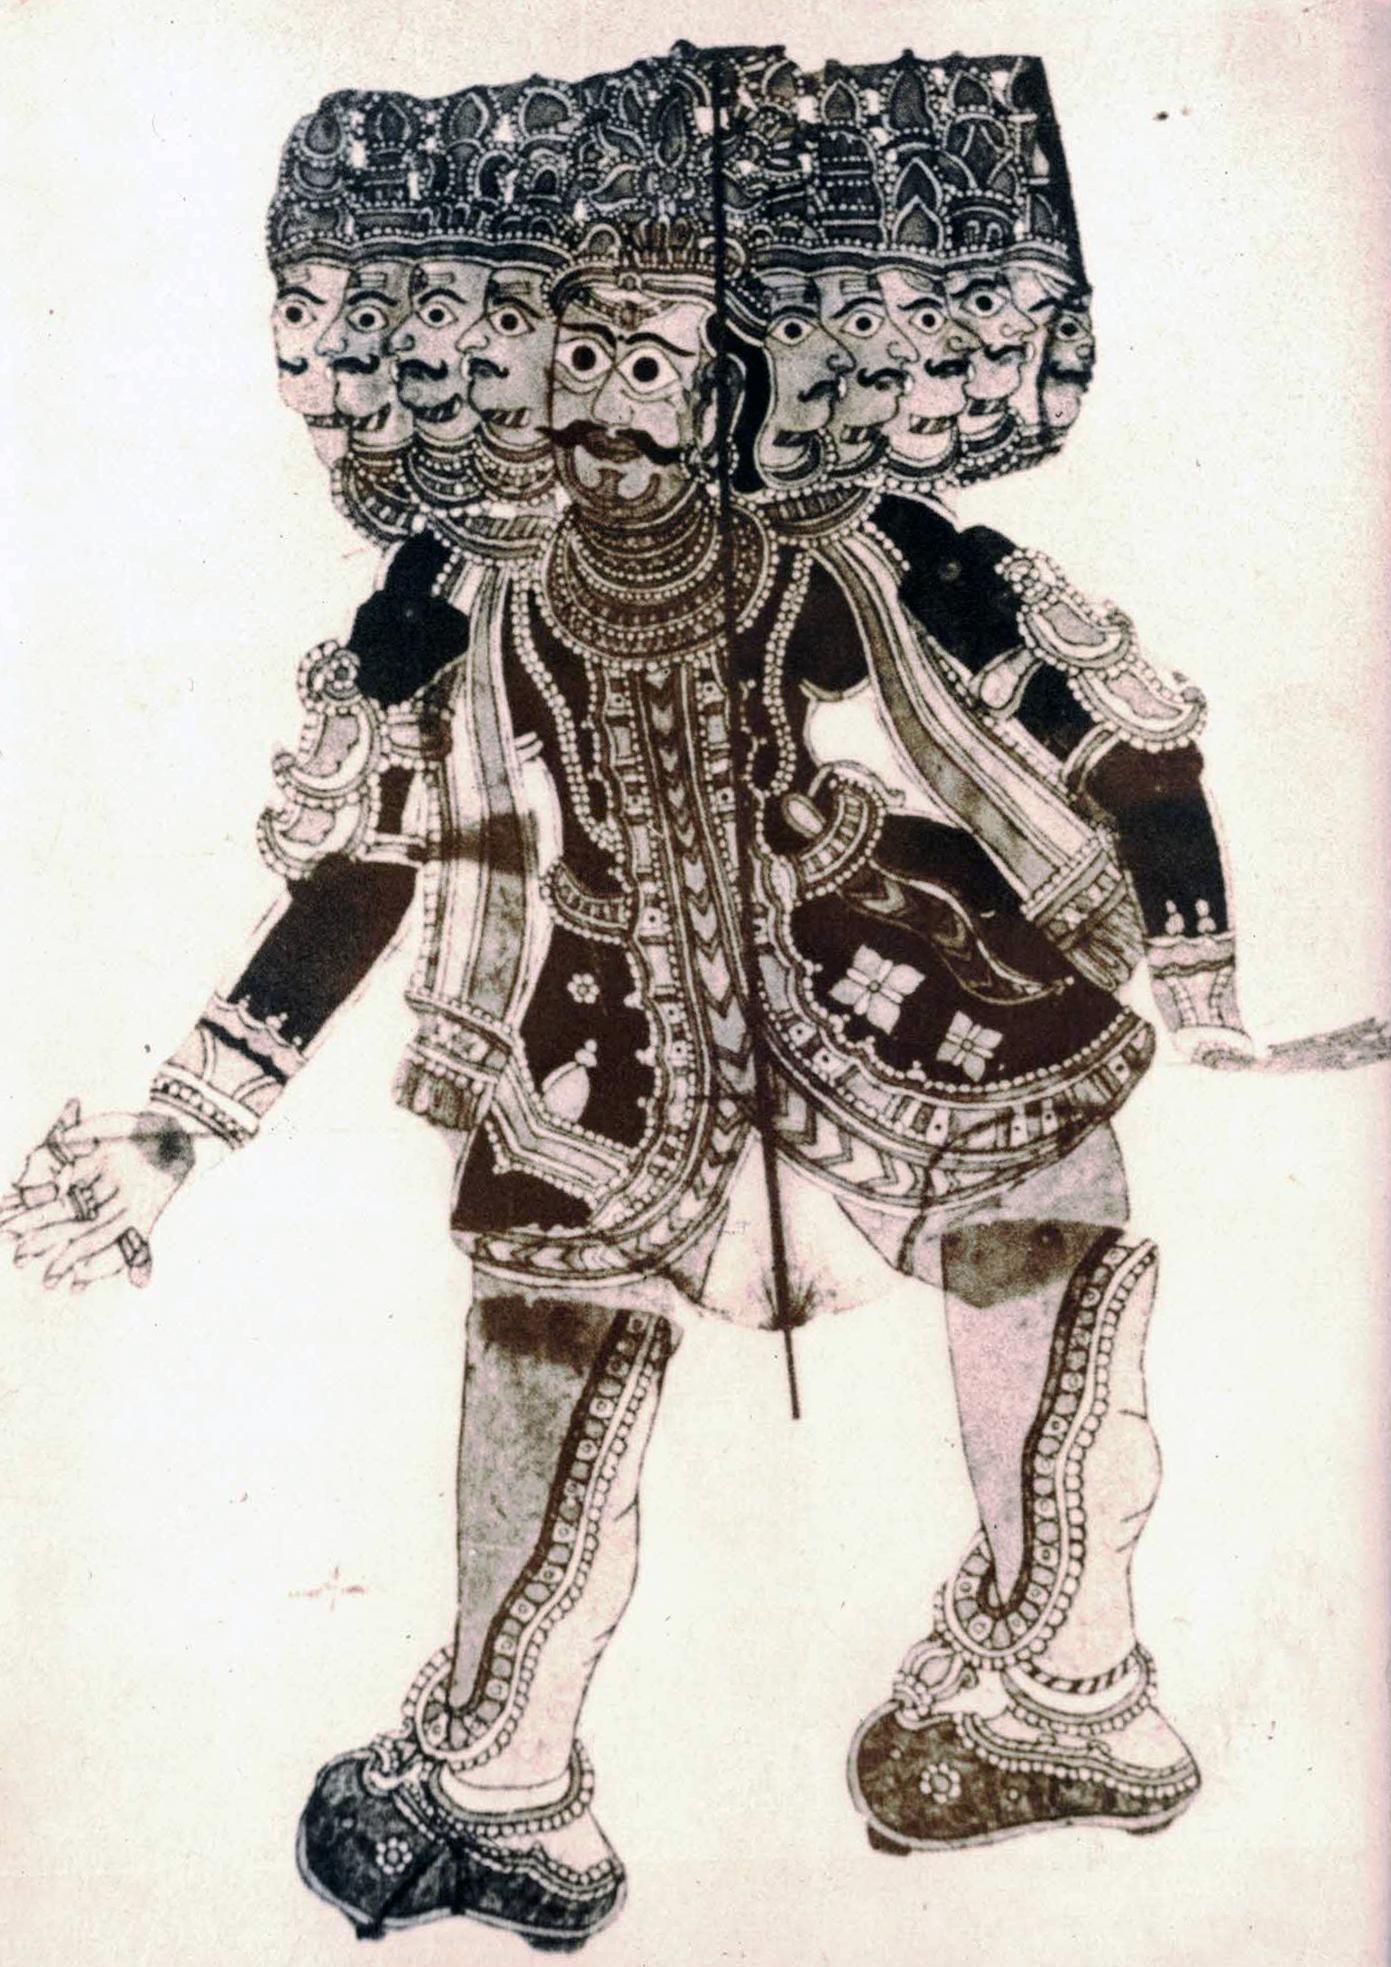 Râvana à dix têtes, l'antagoniste du Râmâyana, réalisée dans le style de tolu bommalata, le théâtre d'ombres d'Andhra Pradesh, en Inde